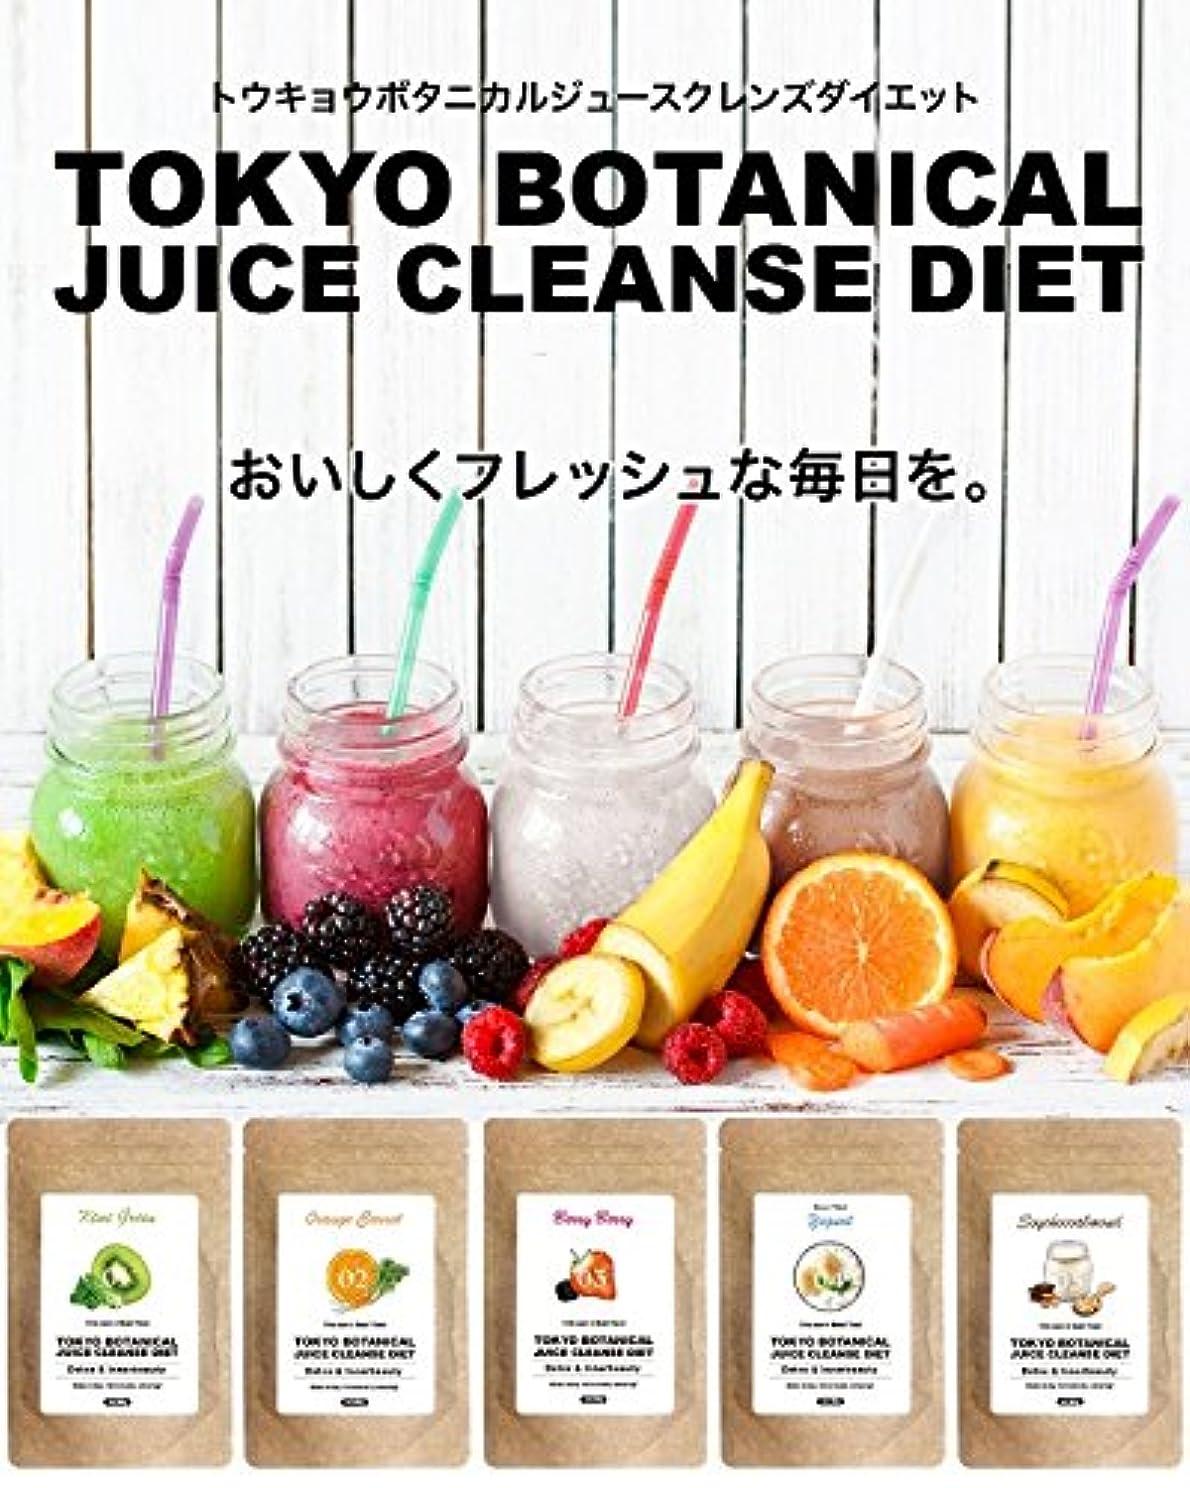 玉目覚めるポゴスティックジャンプ東京ボタニカルジュースクレンズダイエット  オレンジキャロット&ヨーグルトセット